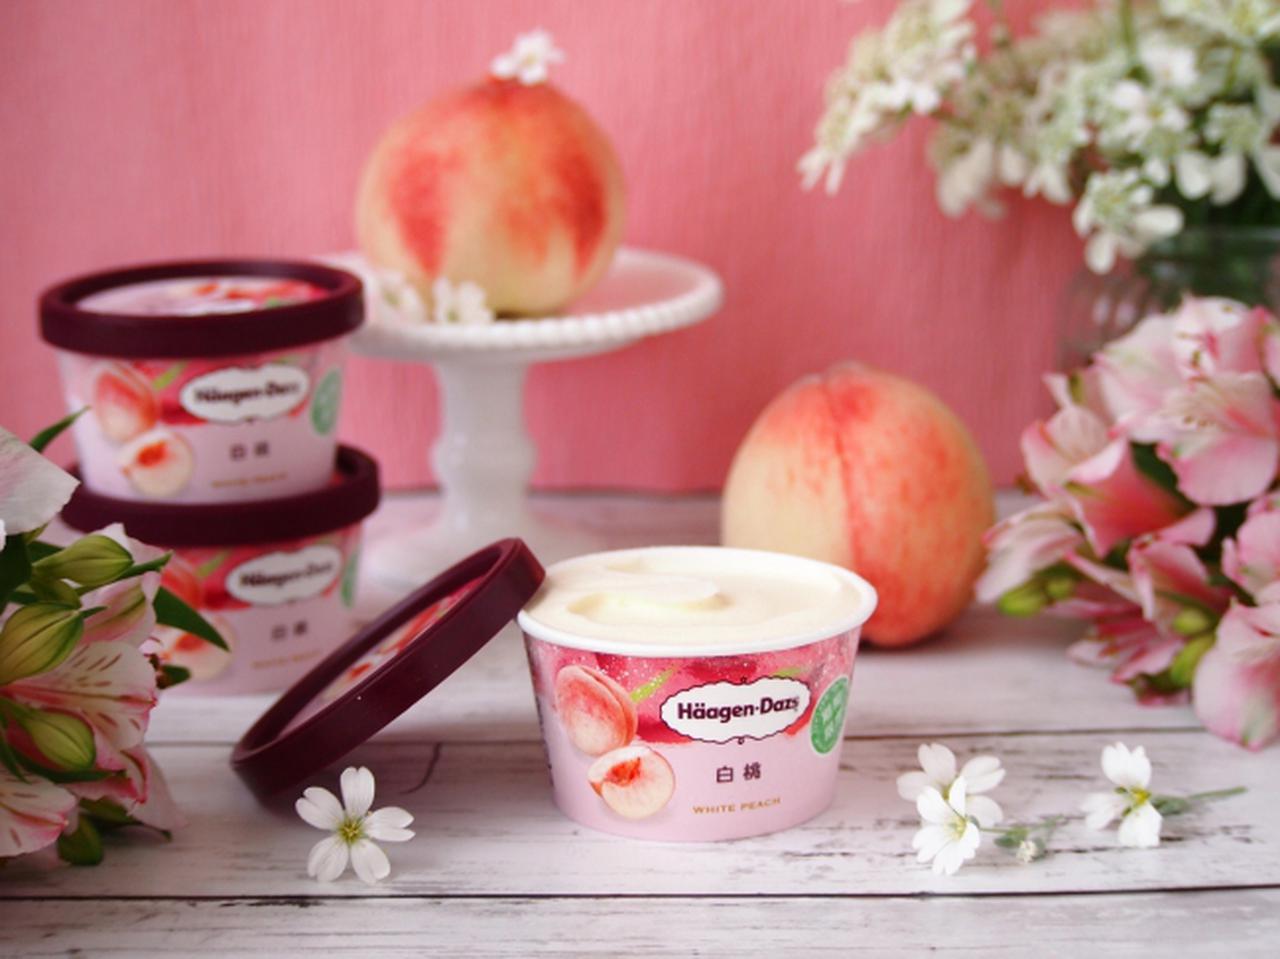 画像1: 初夏にぴったり!甘く芳醇な白桃とまろやかなミルクのハーモニー!